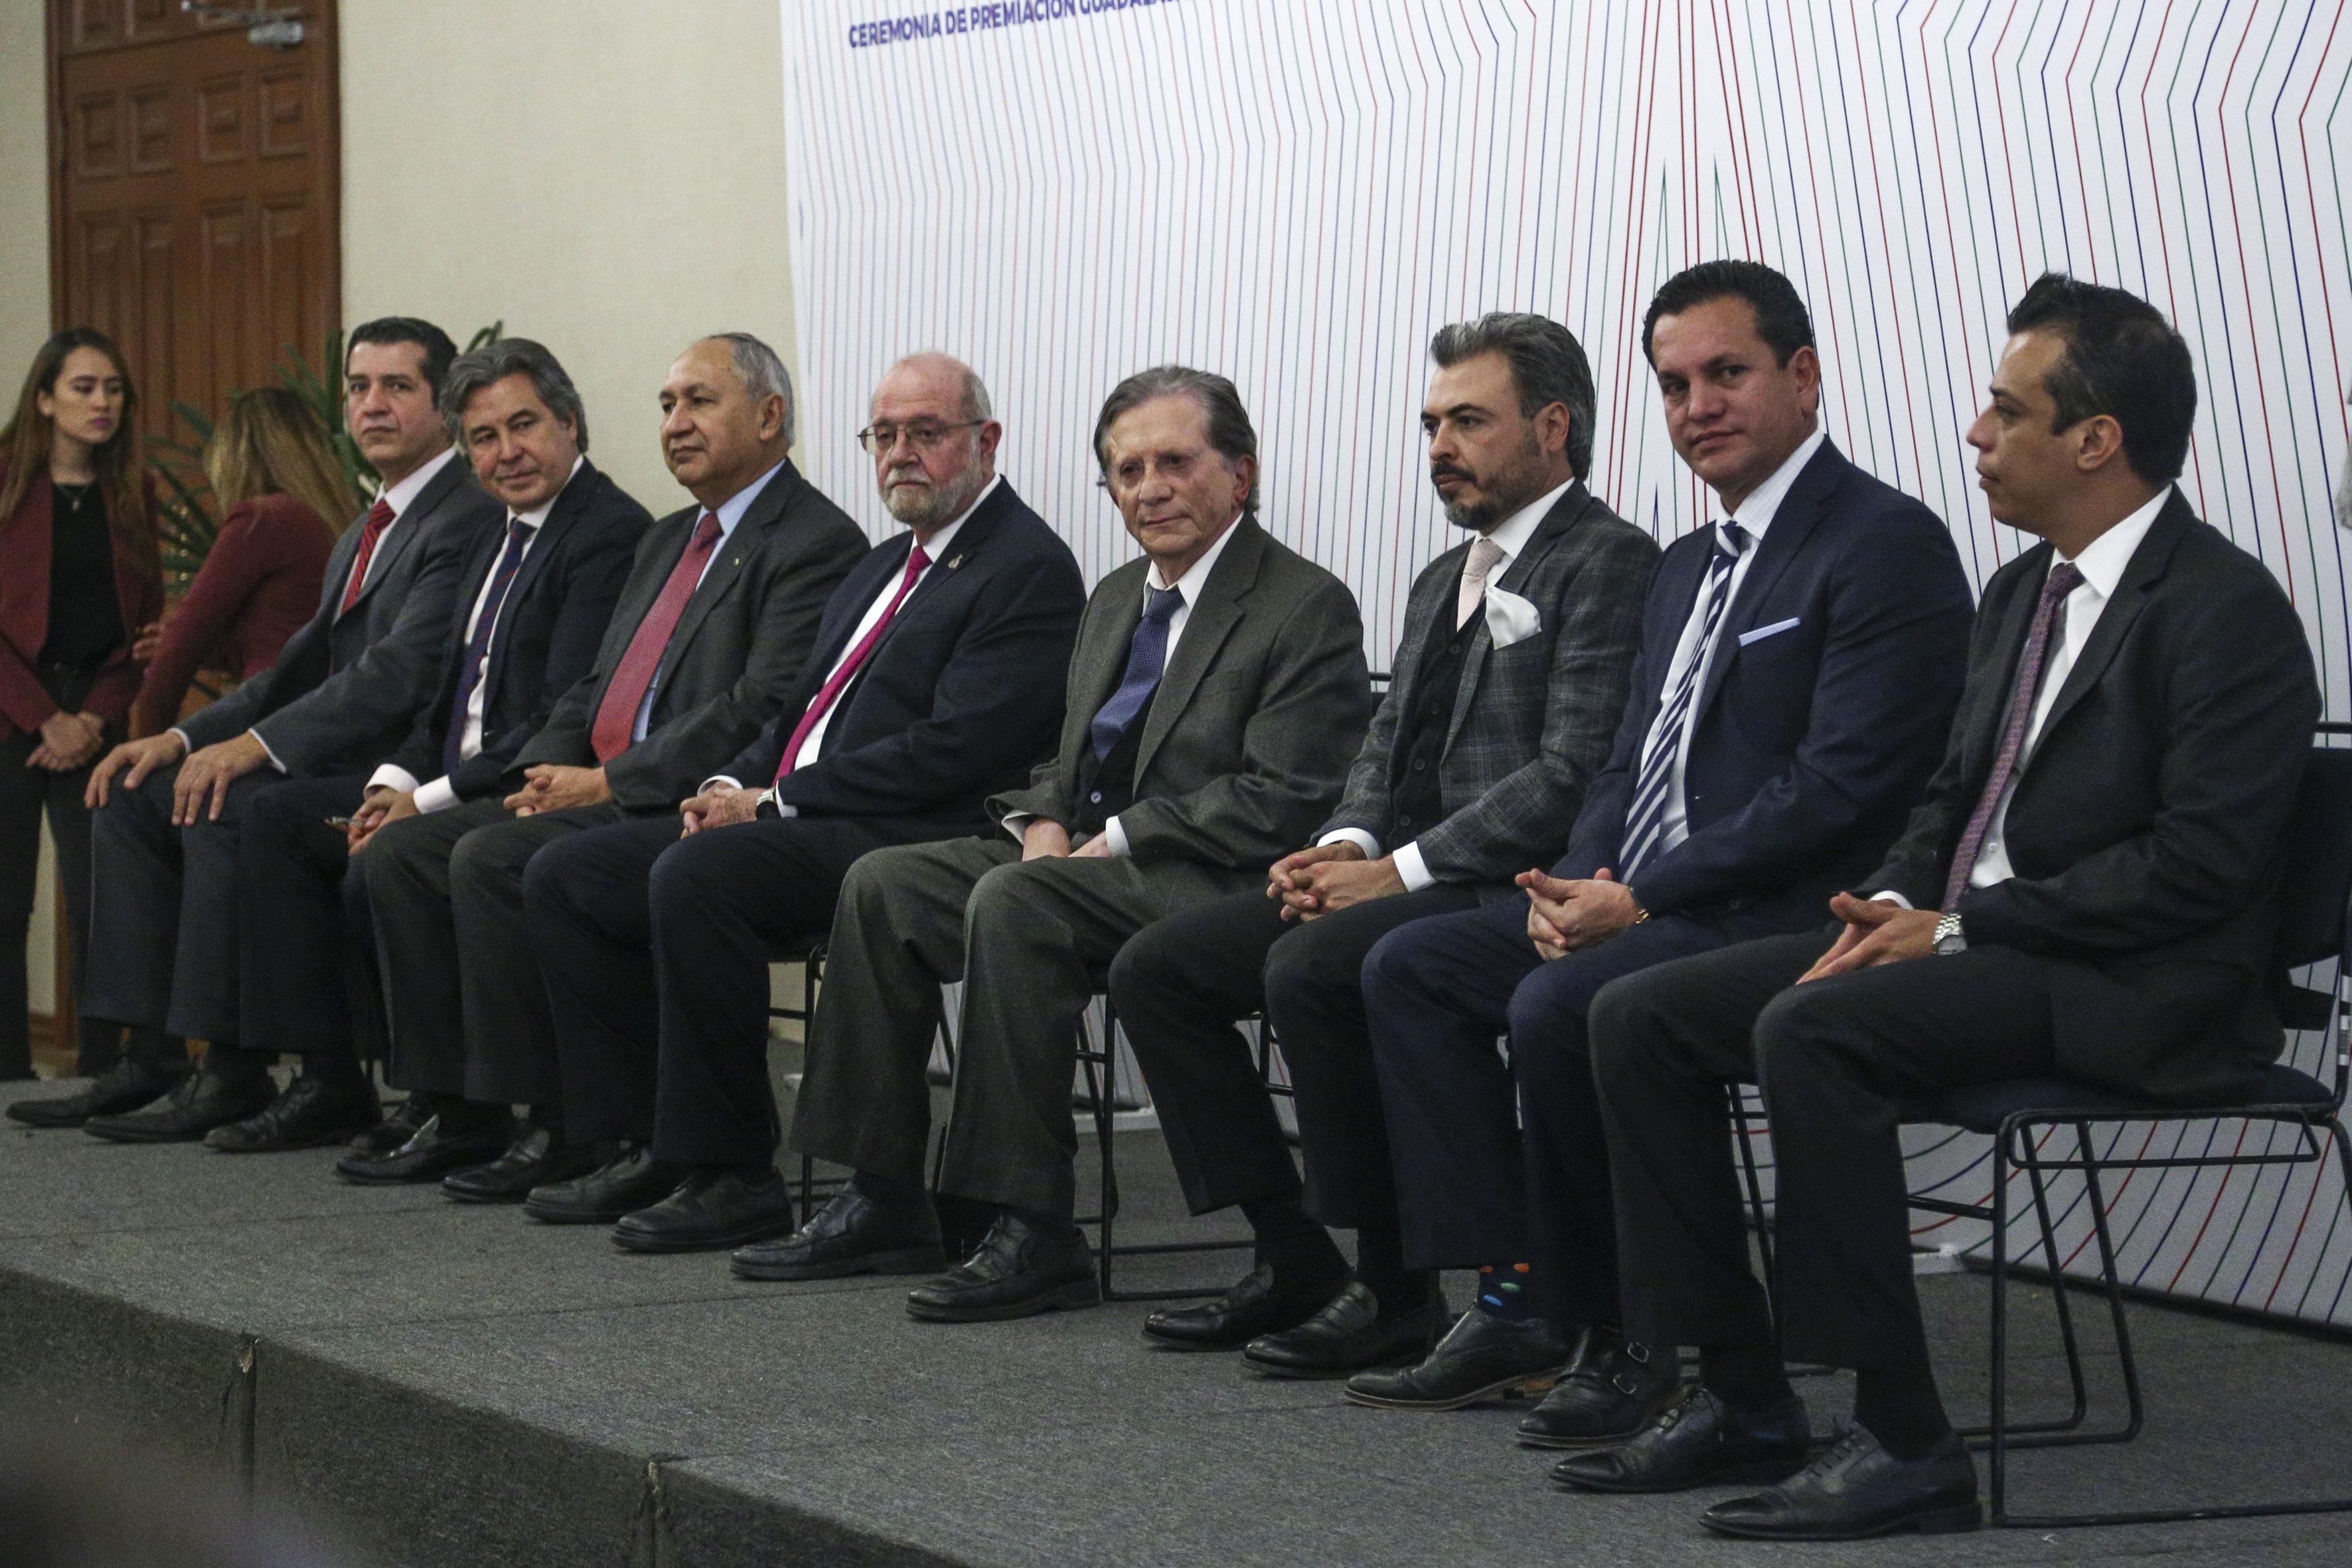 Miembros del presídium